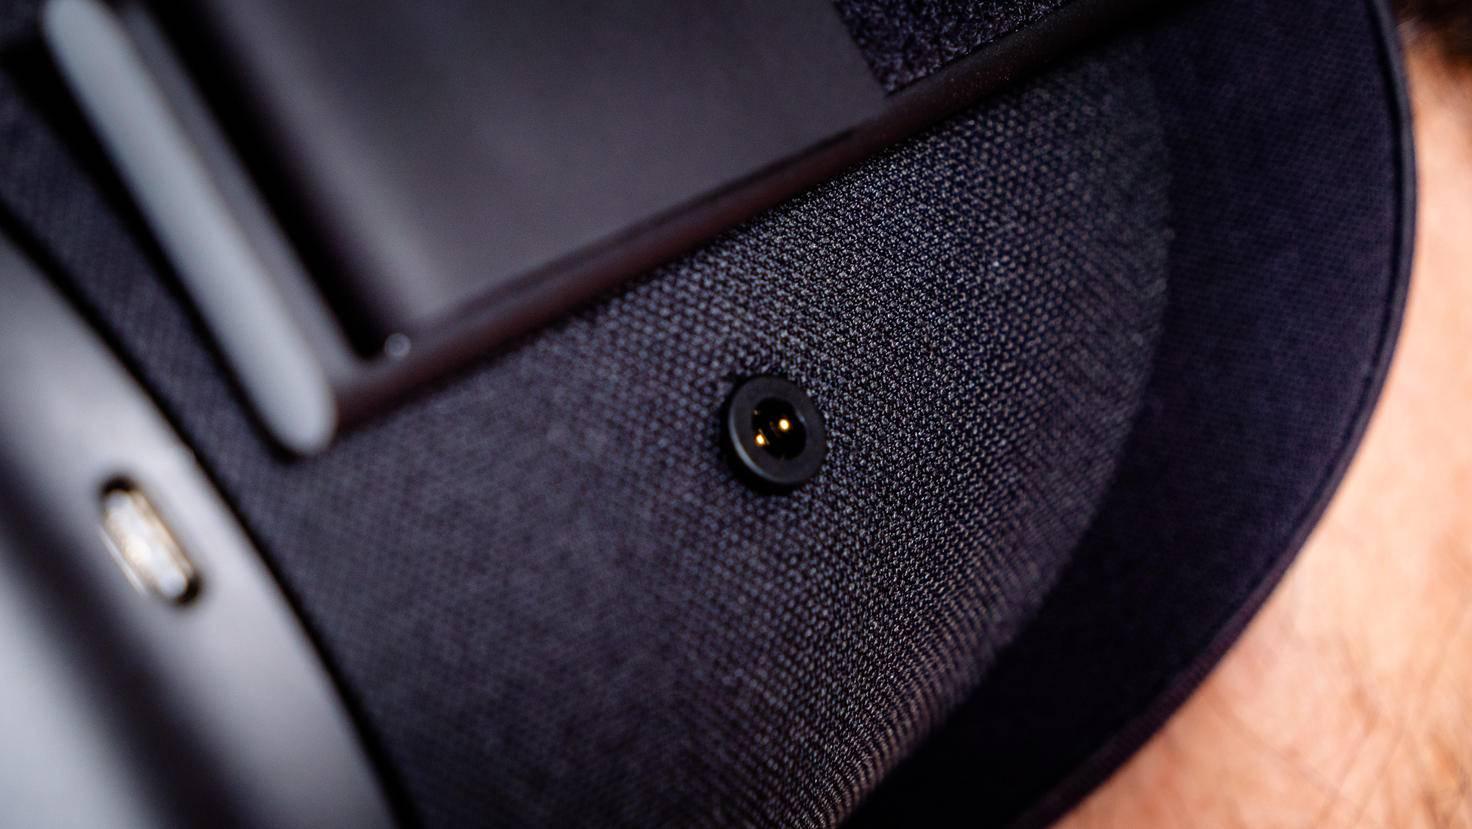 Die internen Lautsprecher sind zufriedenstellend, besseren Sound gibt's mit Kopfhörern.